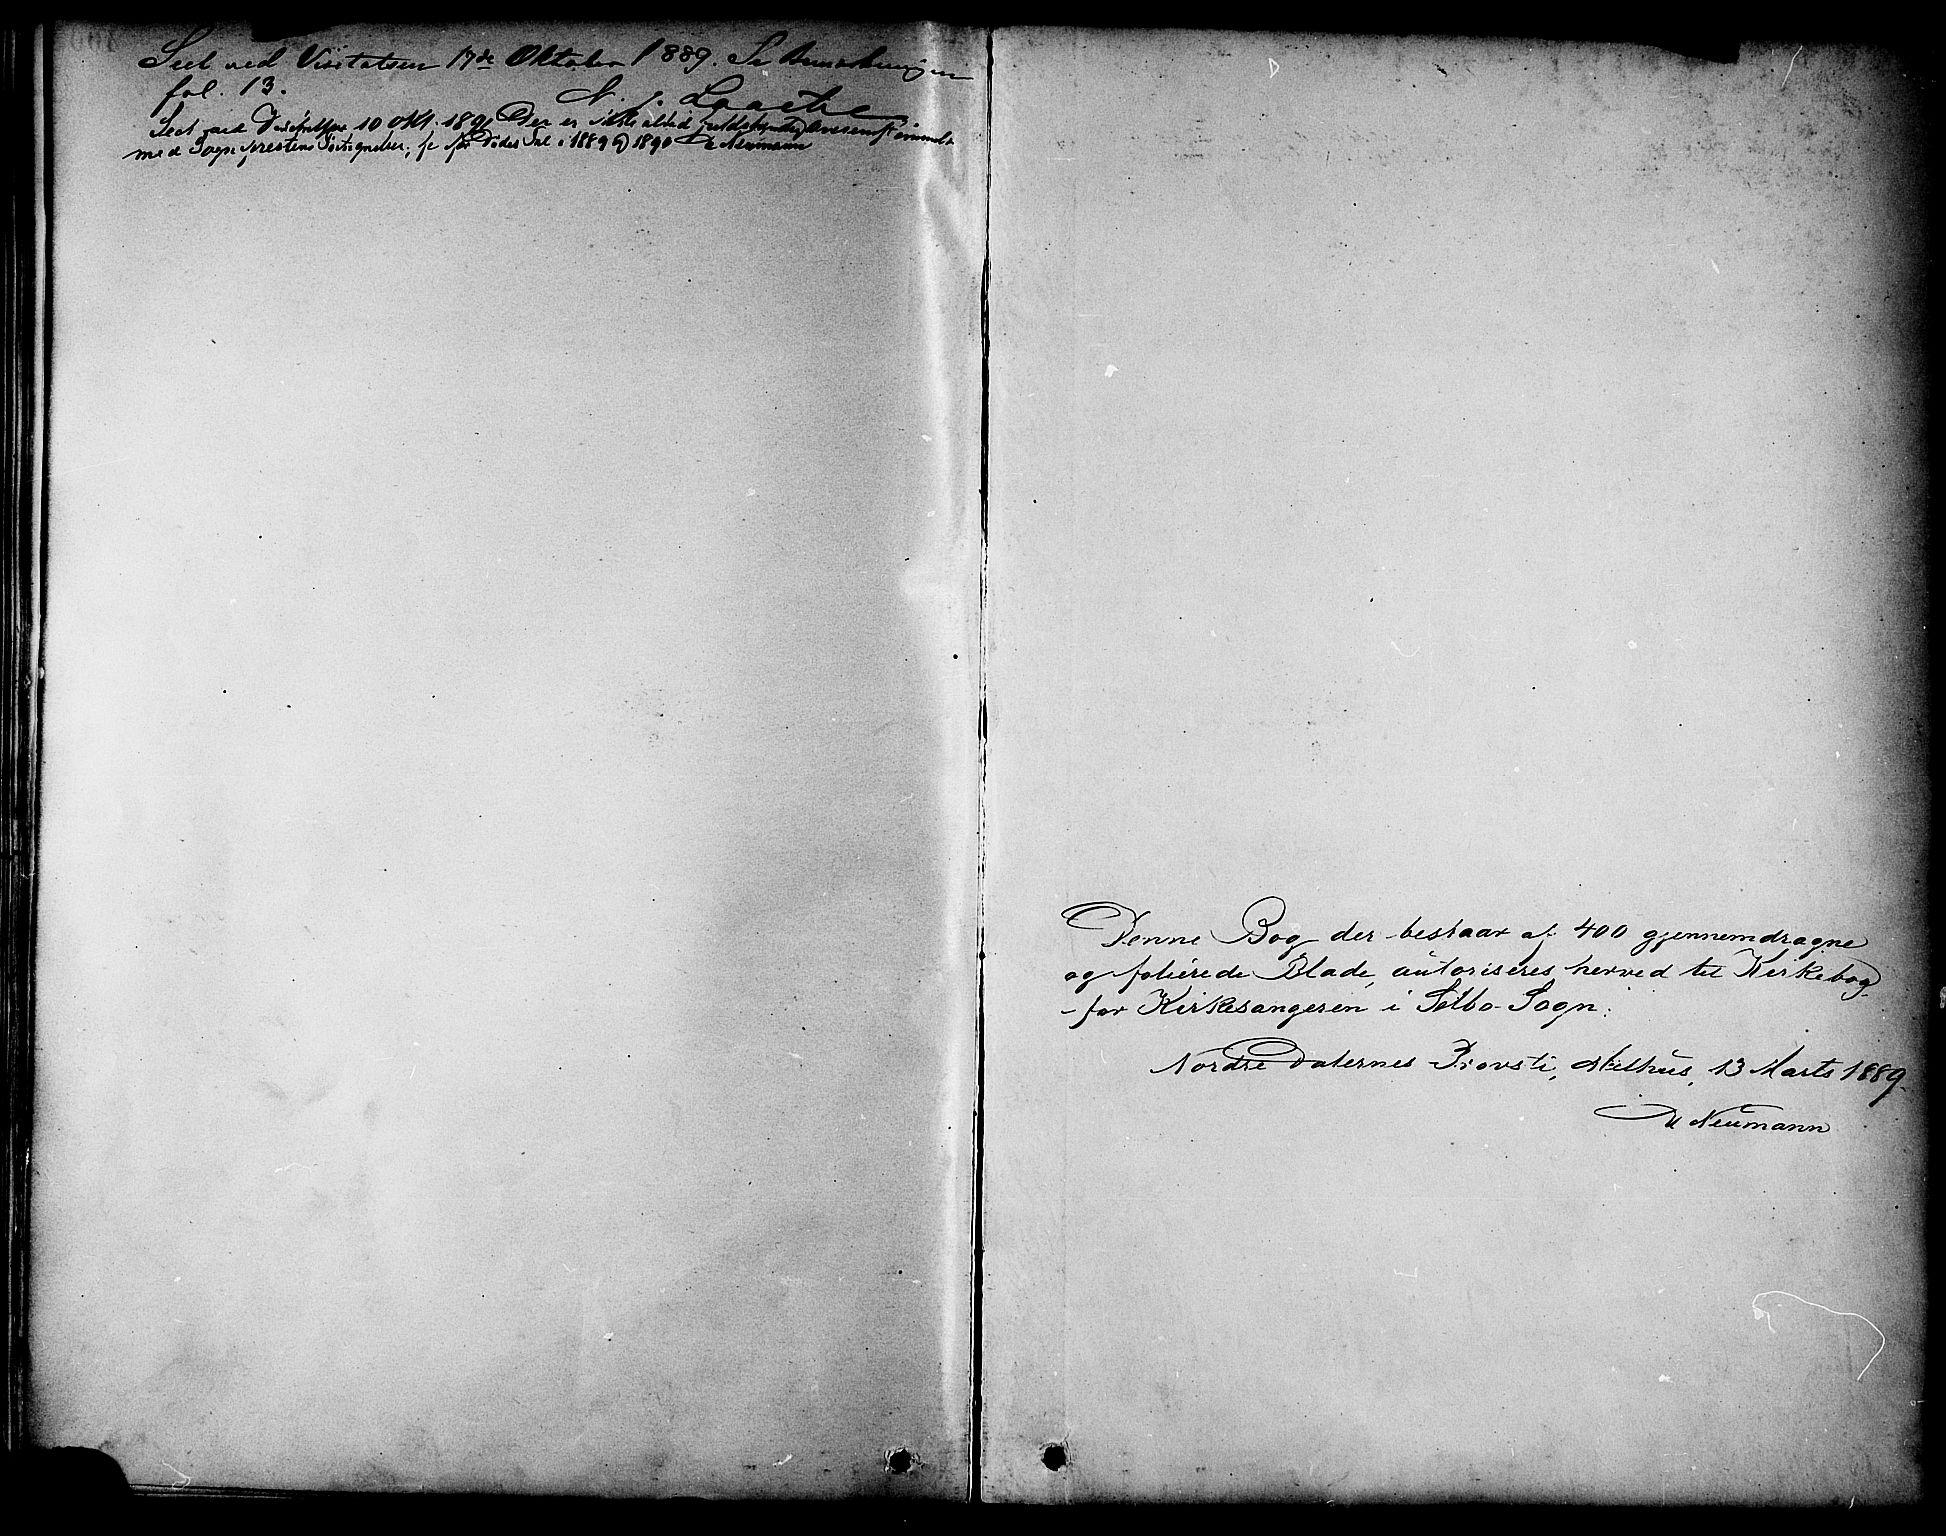 SAT, Ministerialprotokoller, klokkerbøker og fødselsregistre - Sør-Trøndelag, 695/L1157: Klokkerbok nr. 695C08, 1889-1913